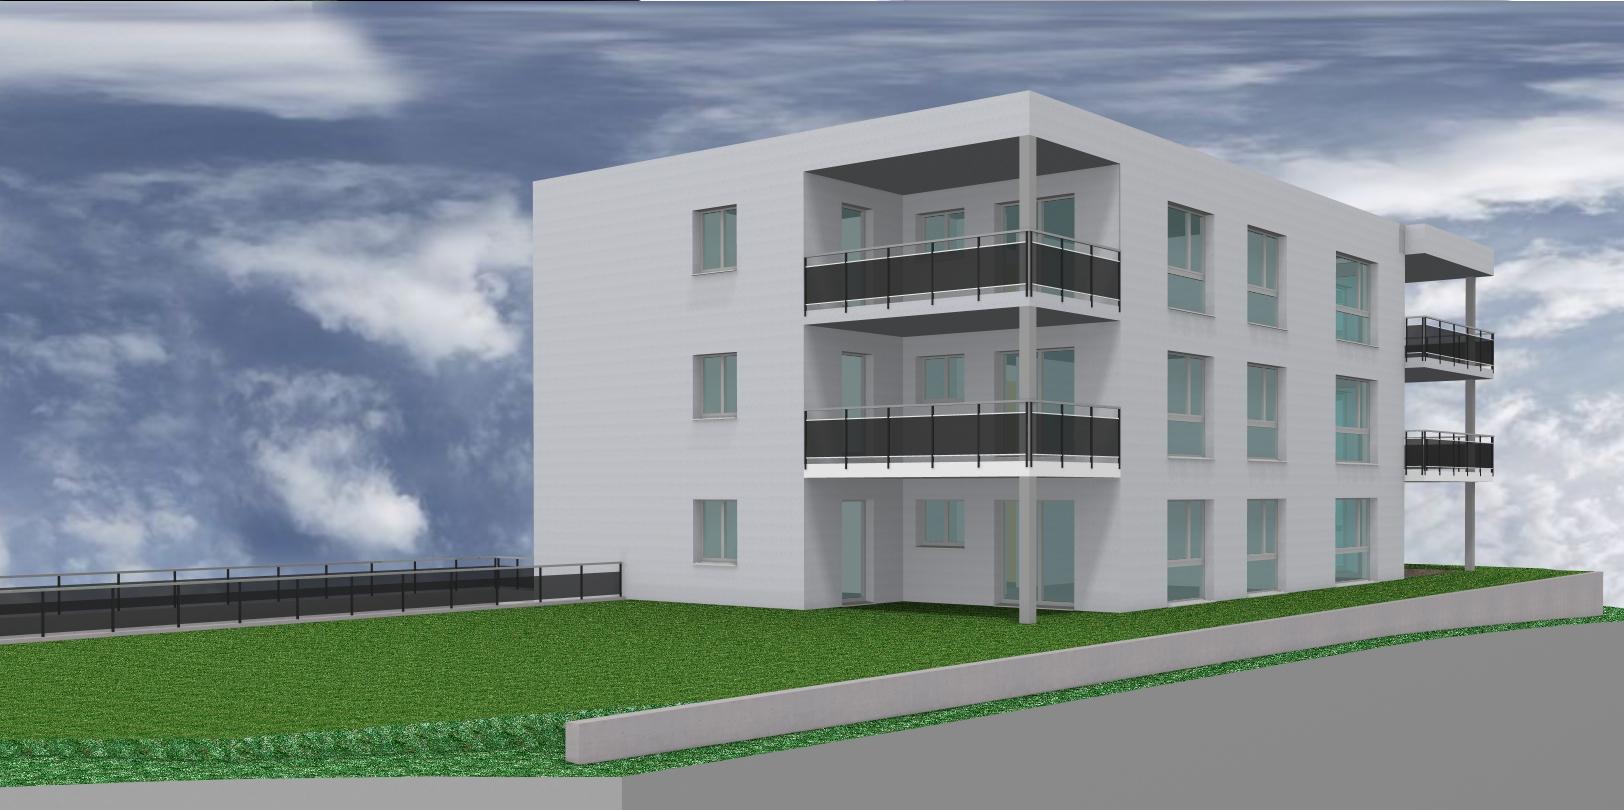 Neubau mehrfamilienhaus mit alterswohnungen dussnang for Mehrfamilienhaus neubau